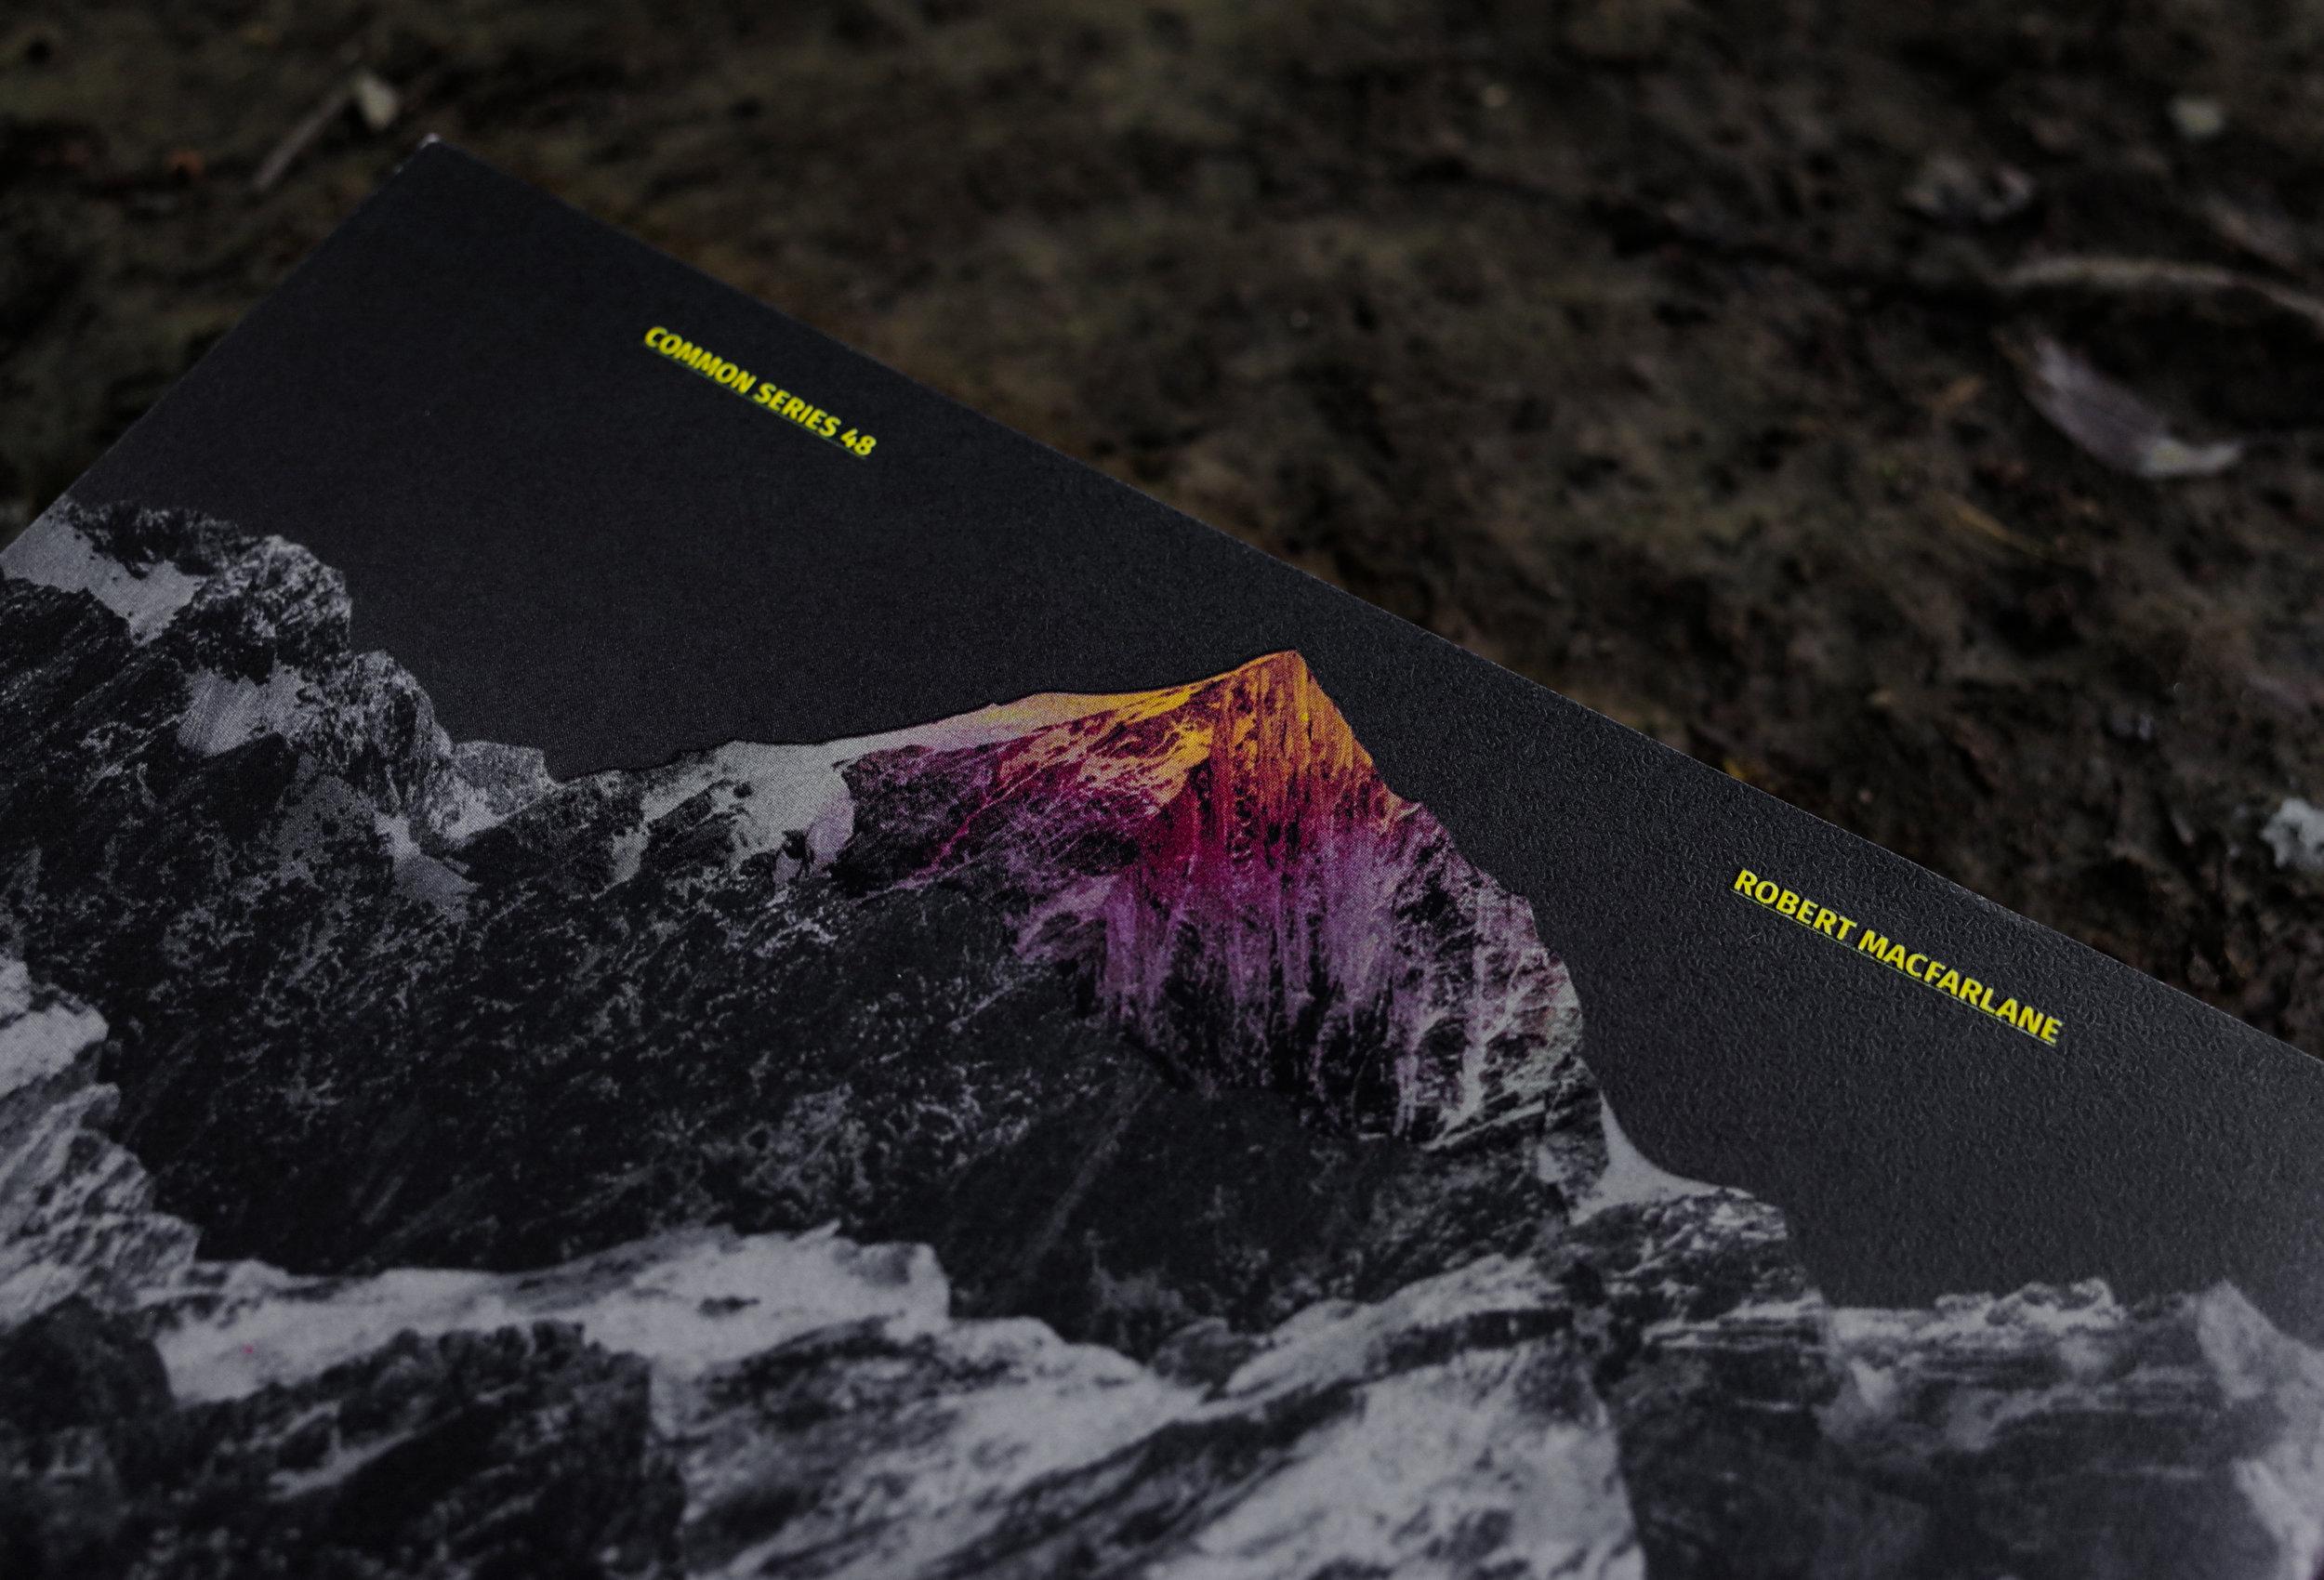 有一種深黃色的『邁達斯光』,可以縱向灑落整座山,把每樣碰觸過的東西都變成金黃金。在討論群山之美的時候,山裡的光線永遠是吸引最多評論的面向。